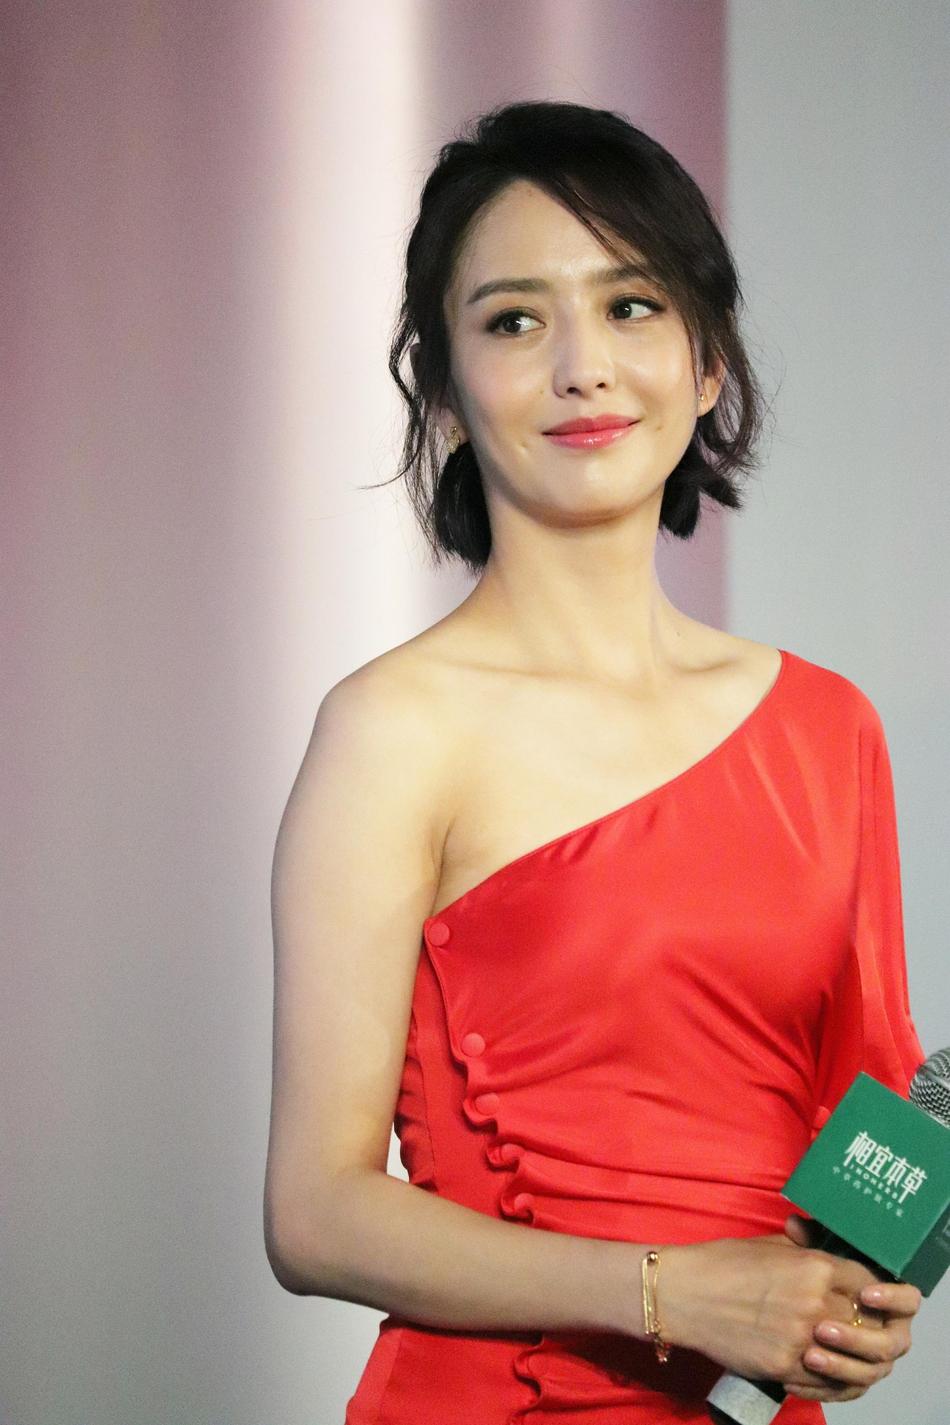 组图:佟丽娅穿斜肩礼裙秀香肩 梳精致短发对镜优雅甜笑